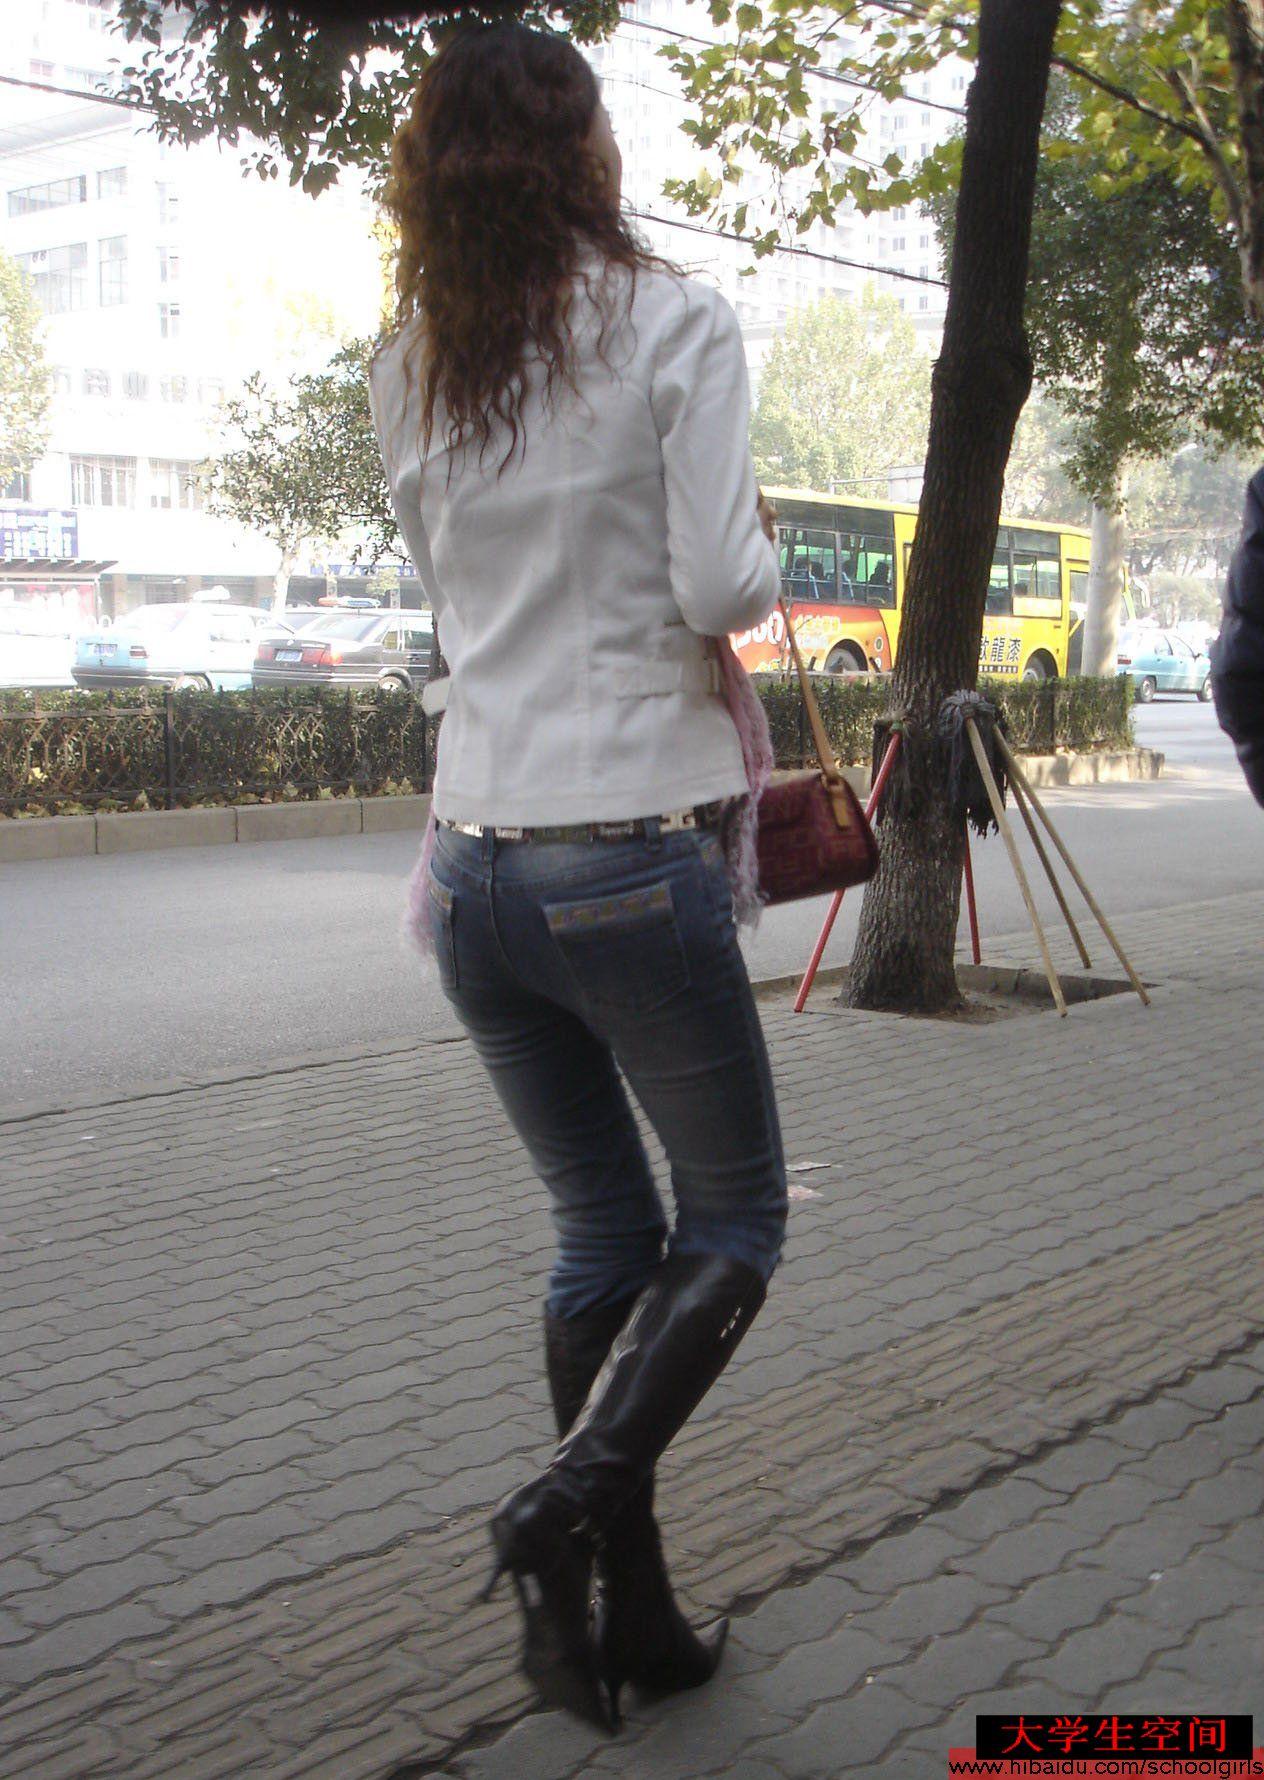 走在校园小径上的牛仔妹 - 源源 - djun.007 的博客